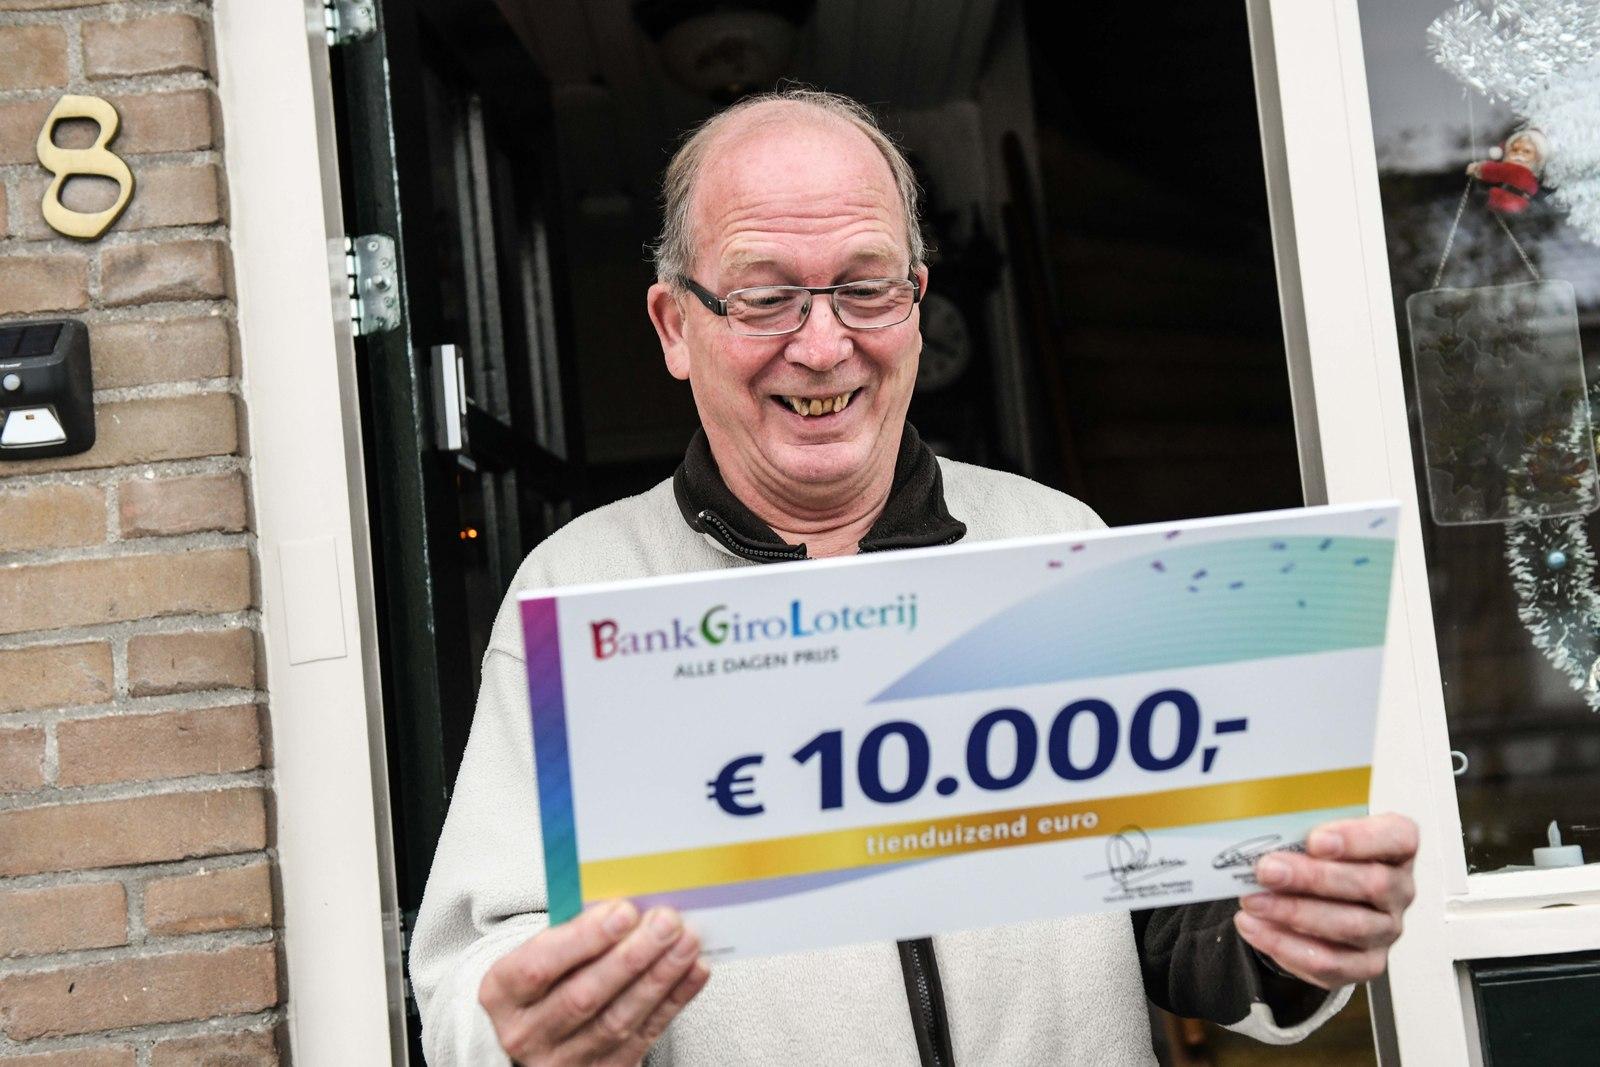 Andries uit Grootebroek wint 10.000 euro; 'Eindelijk e-bike'